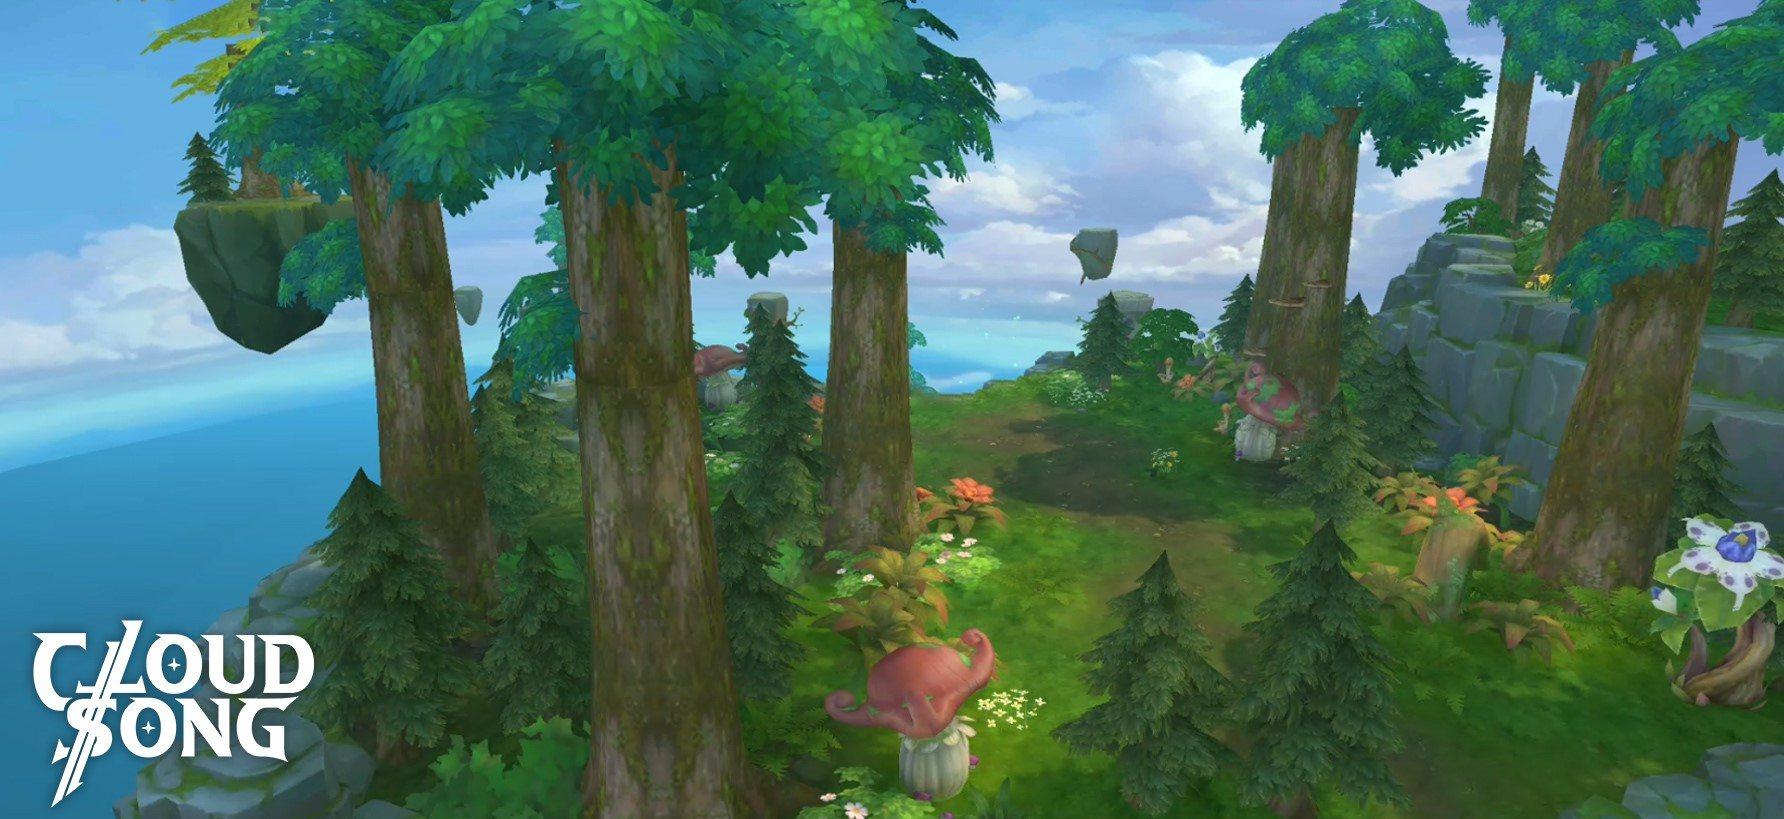 MMORPG Mobile, Cloud Song Siap Rilis di Asia Tenggara!